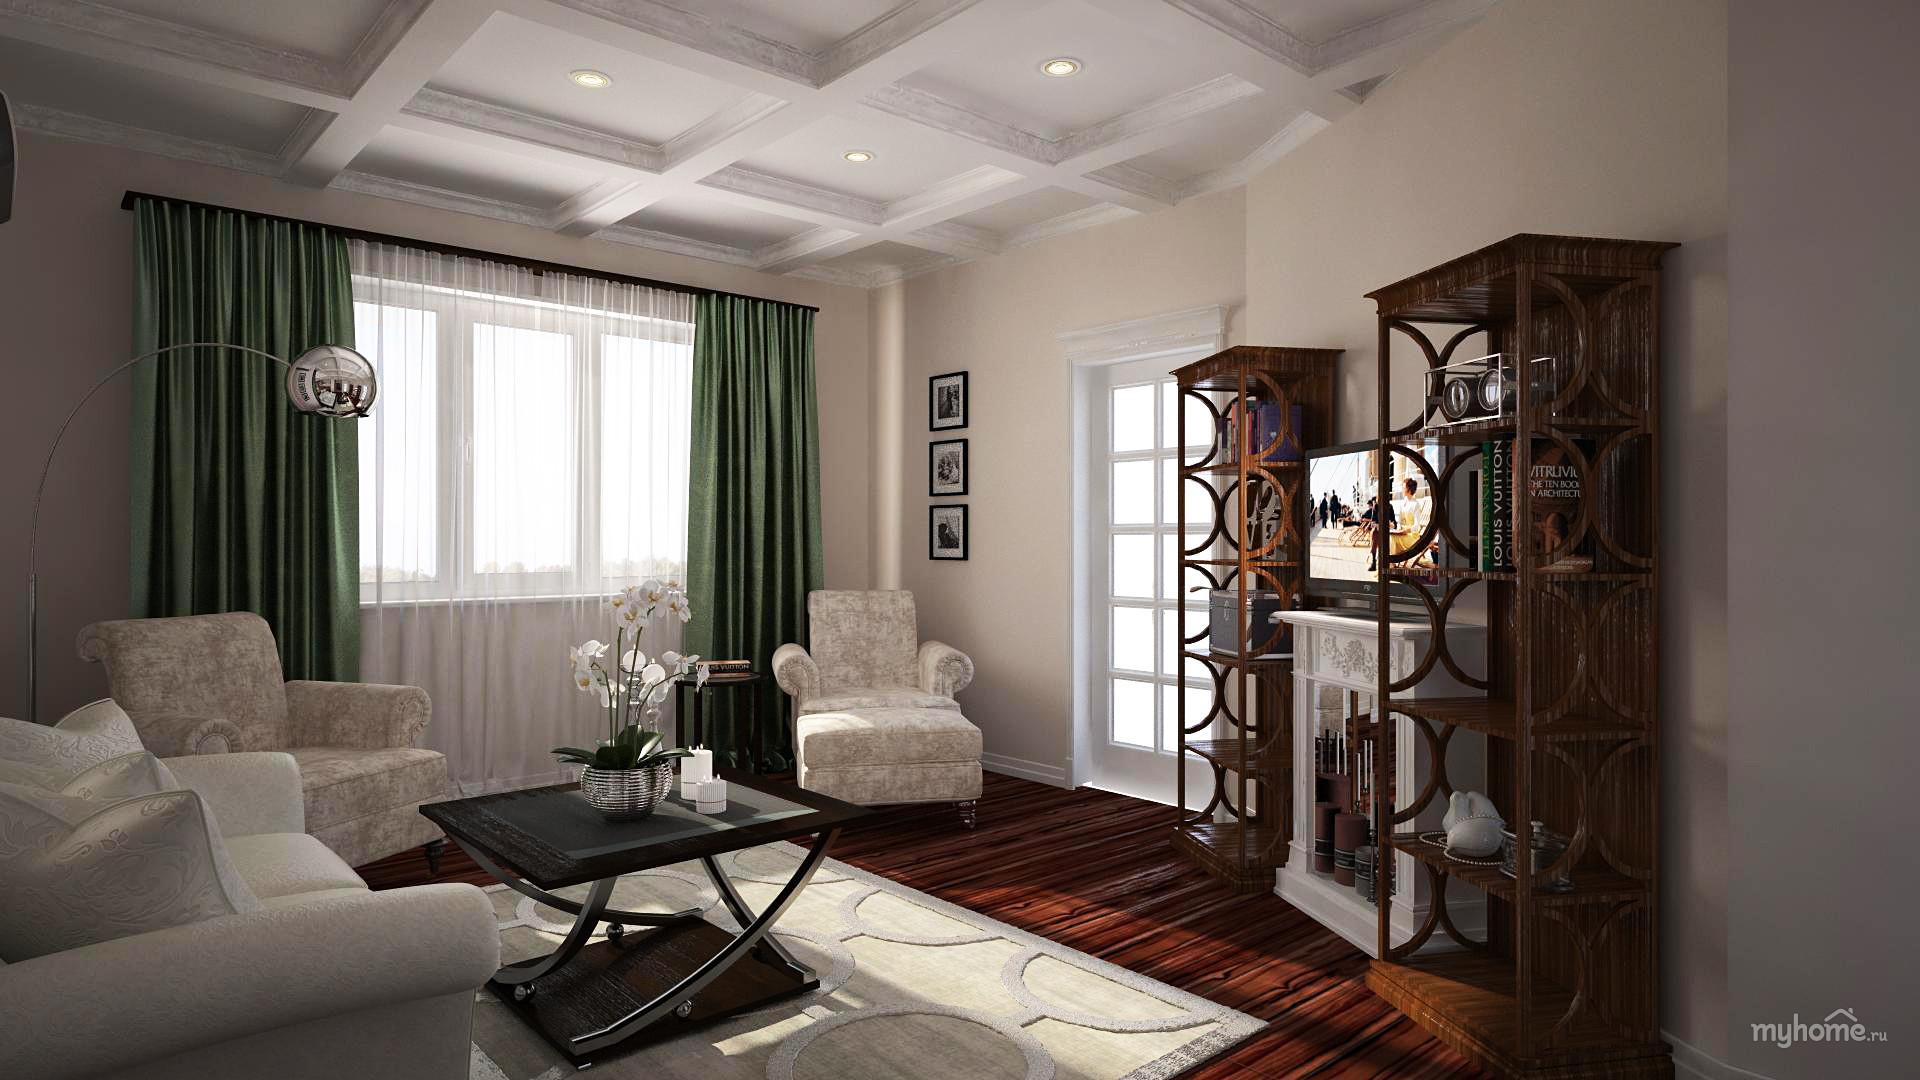 Фото дизайна 2 комнатной квартиры 56 кв м